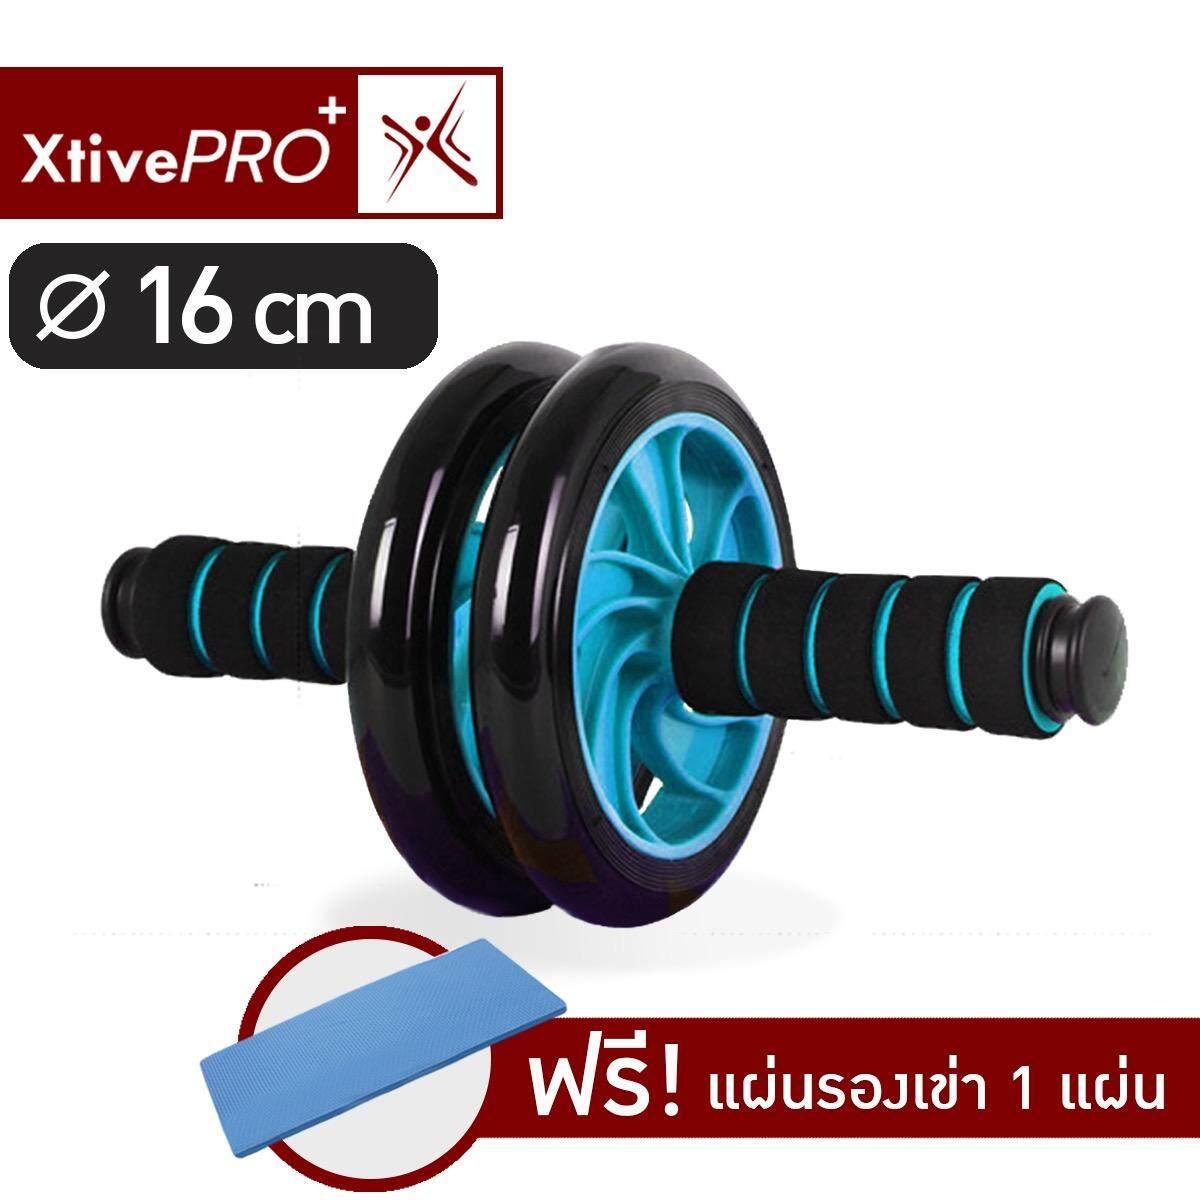 Xtivepro Starter Wheel 16 Cm Blue ลูกกลิ้งบริหารหน้าท้อง Ab Wheel แบบล้อคู่ สีฟ้า ใหม่ล่าสุด